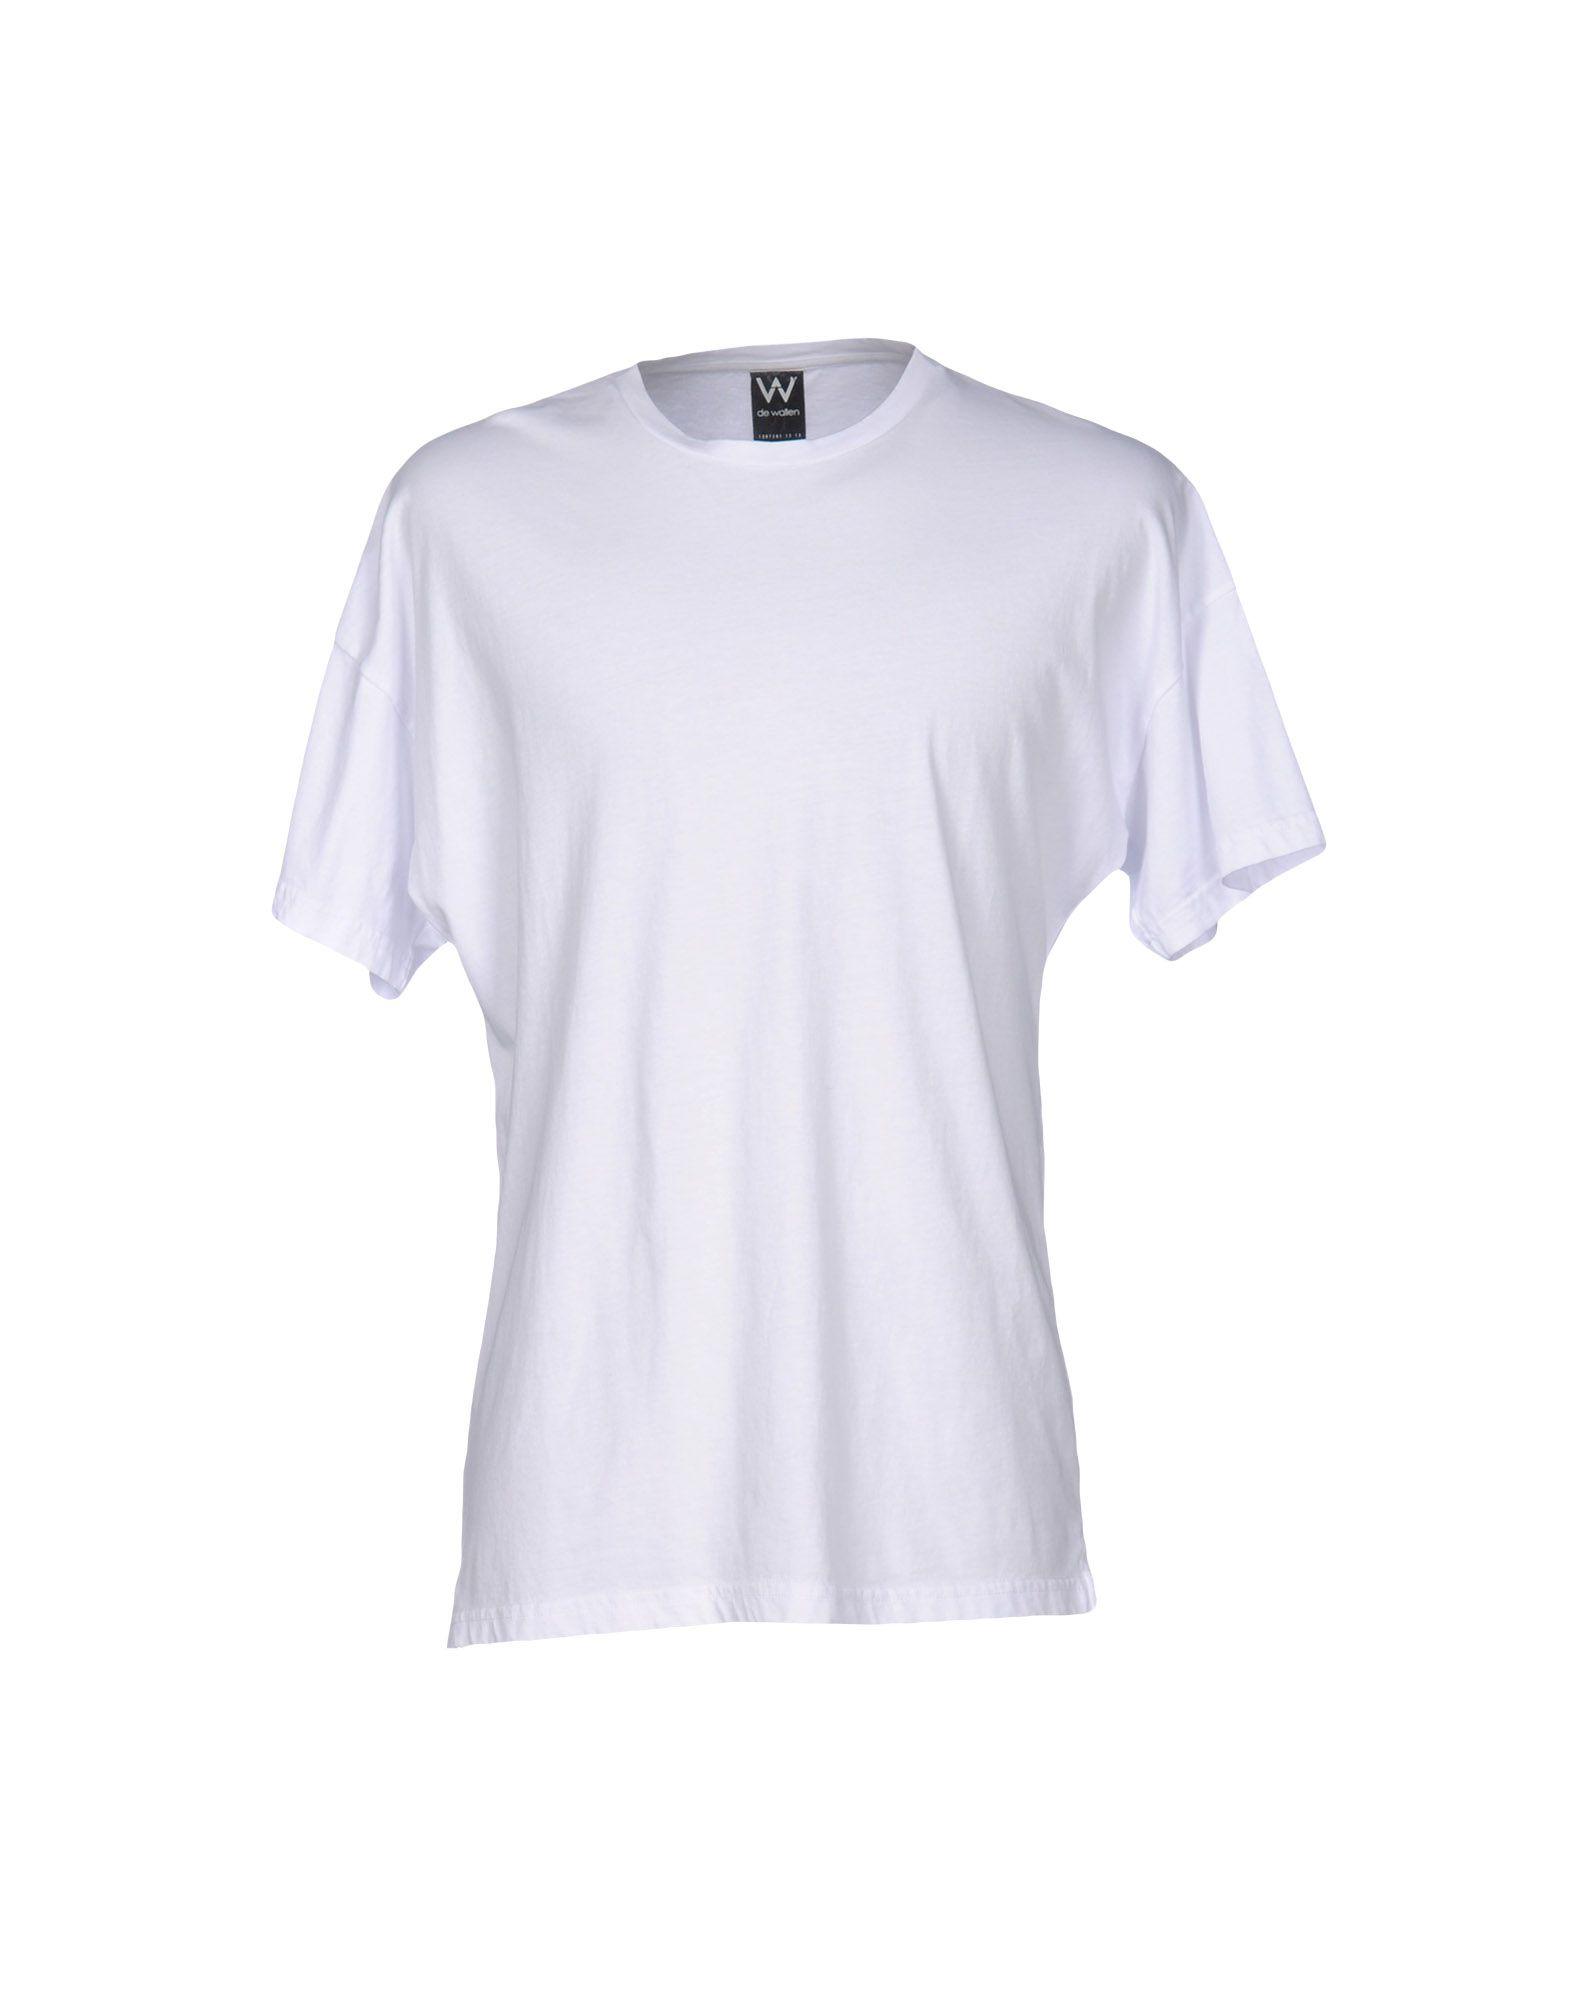 DE WALLEN T-Shirt in White